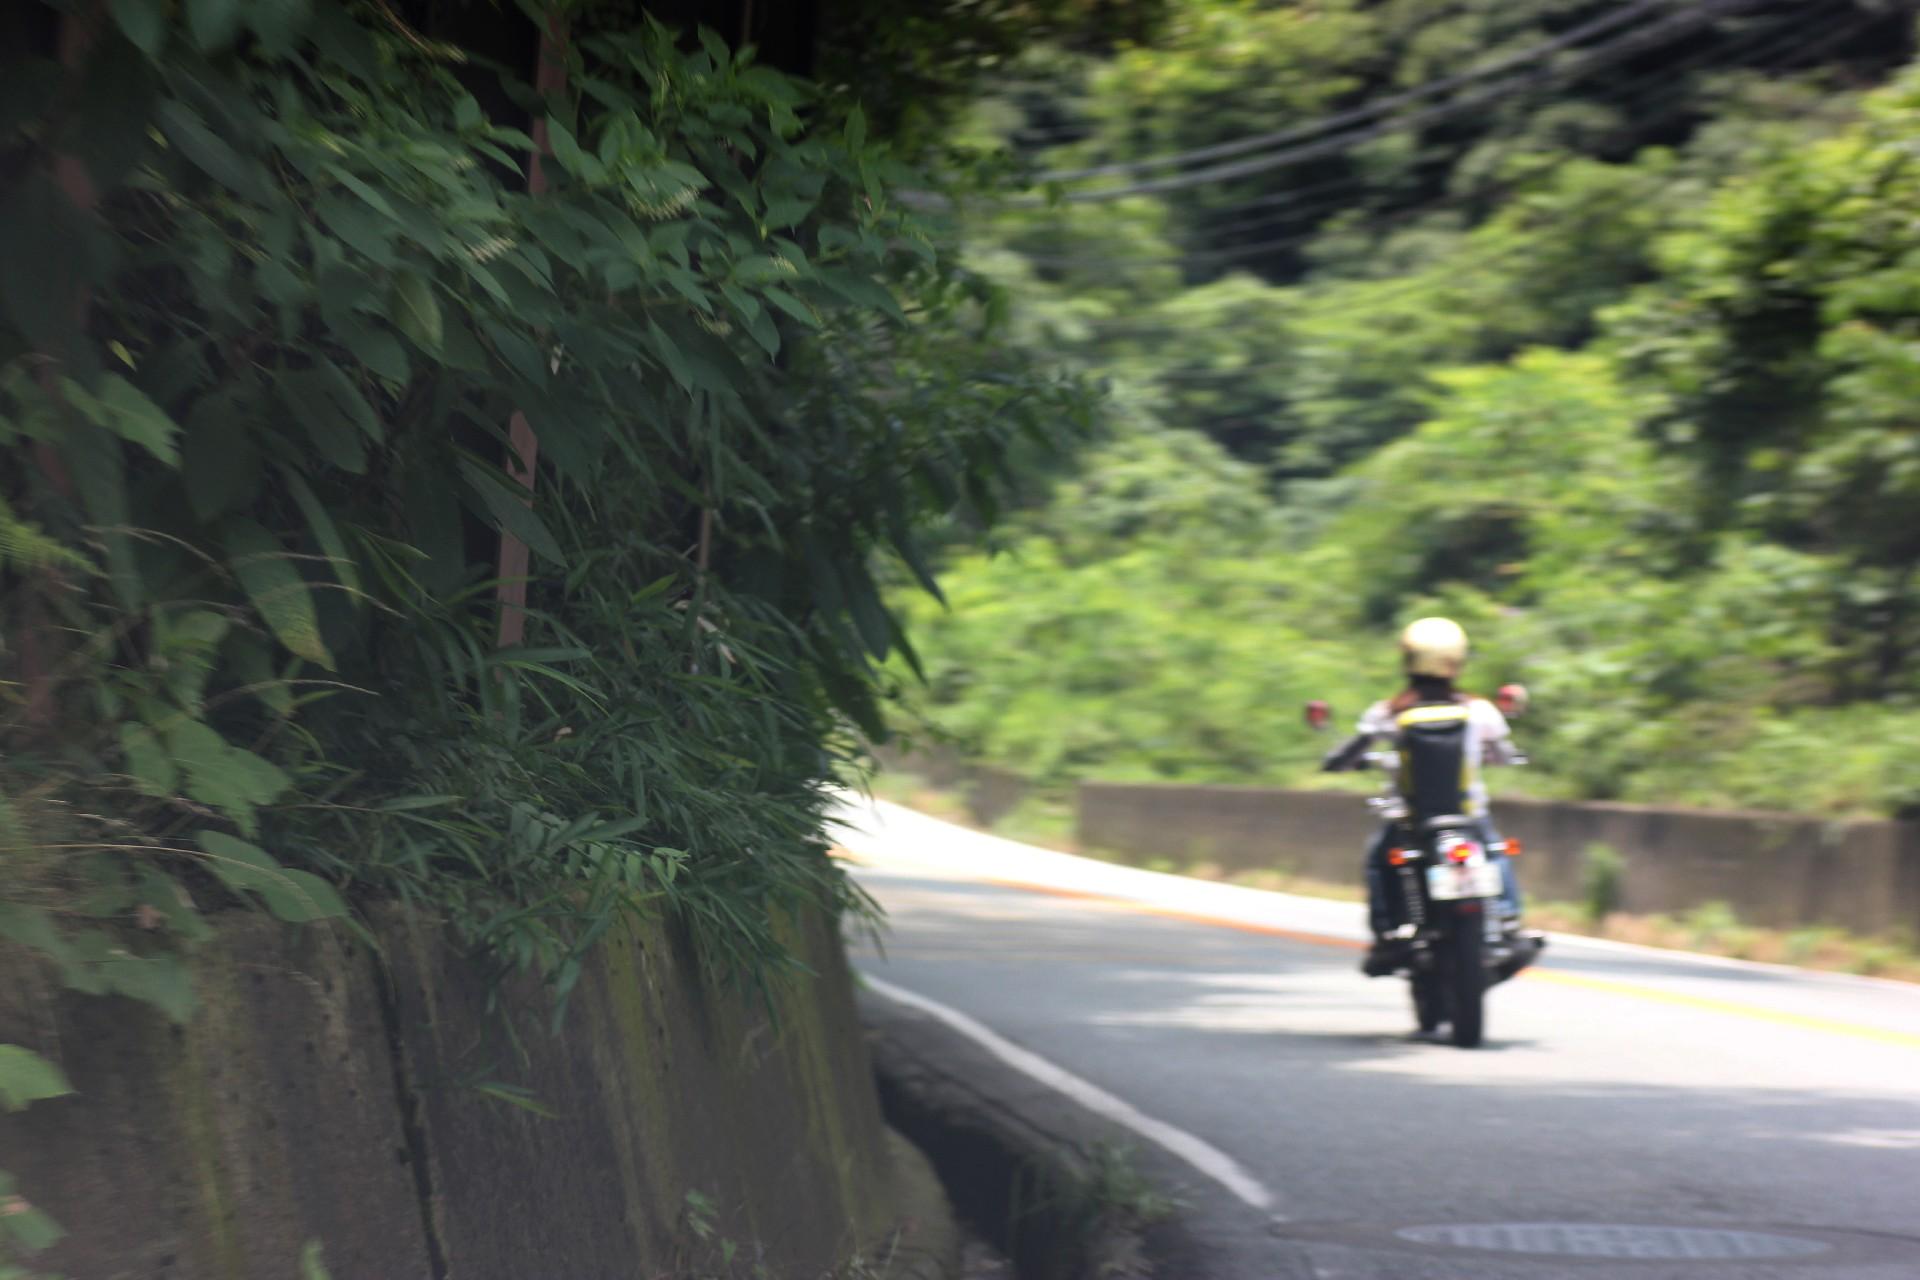 ガラクタバイクで山道を走る